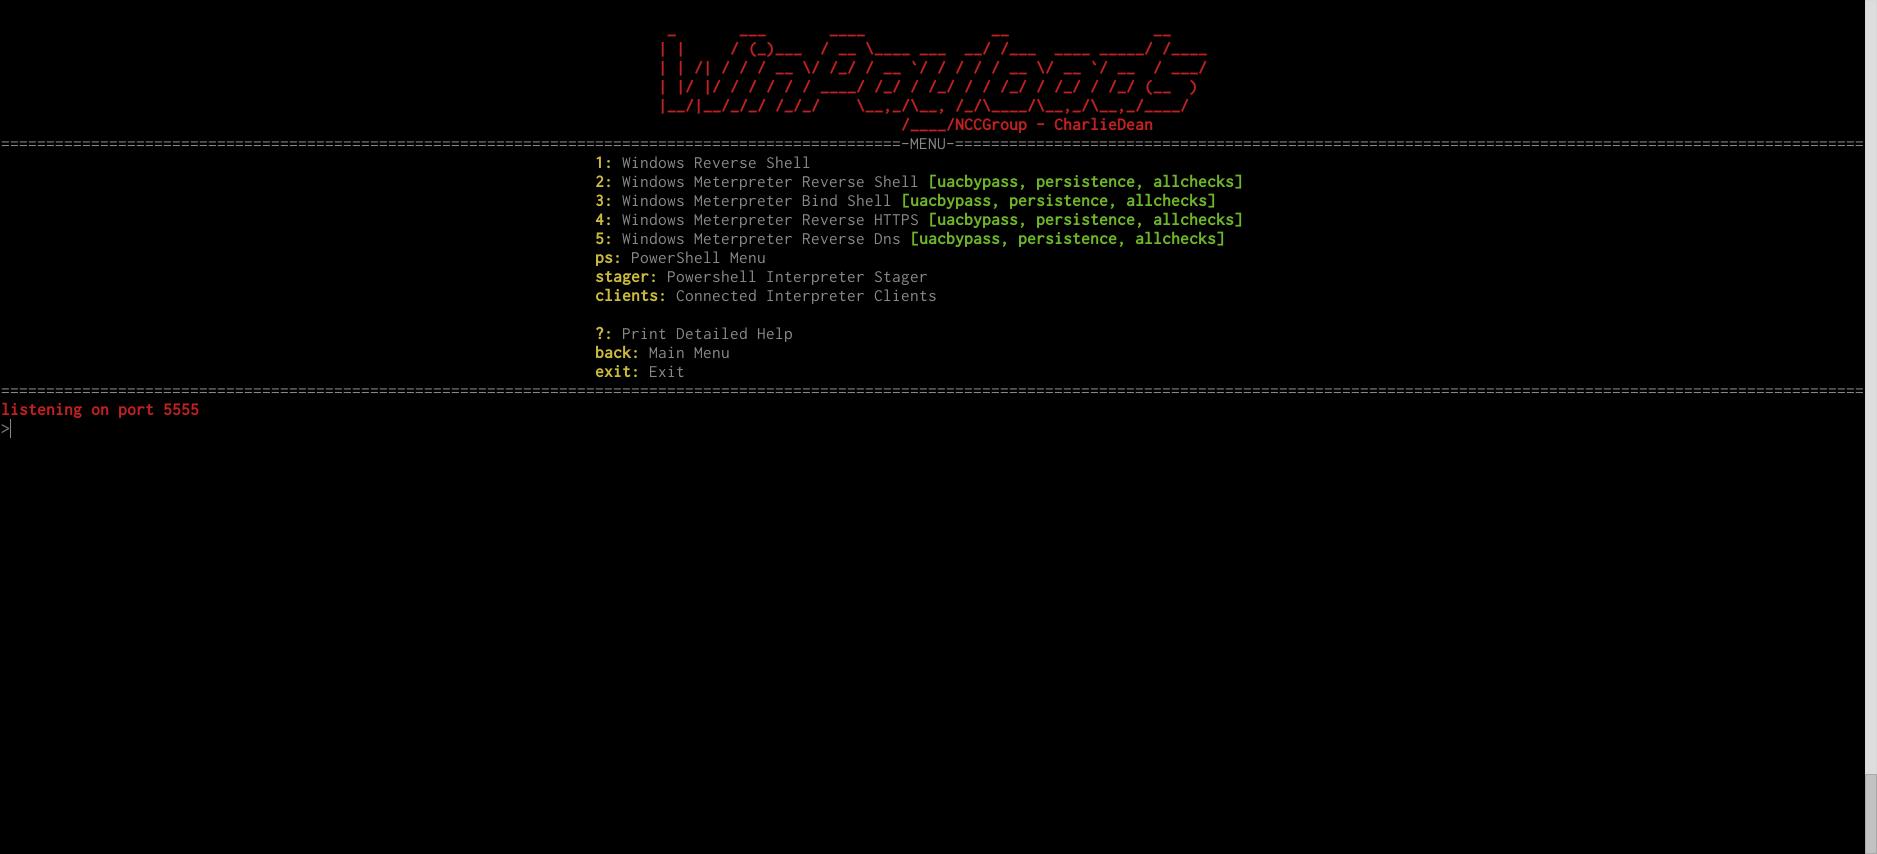 Winpayloads – genera payloads para windows  [Video]